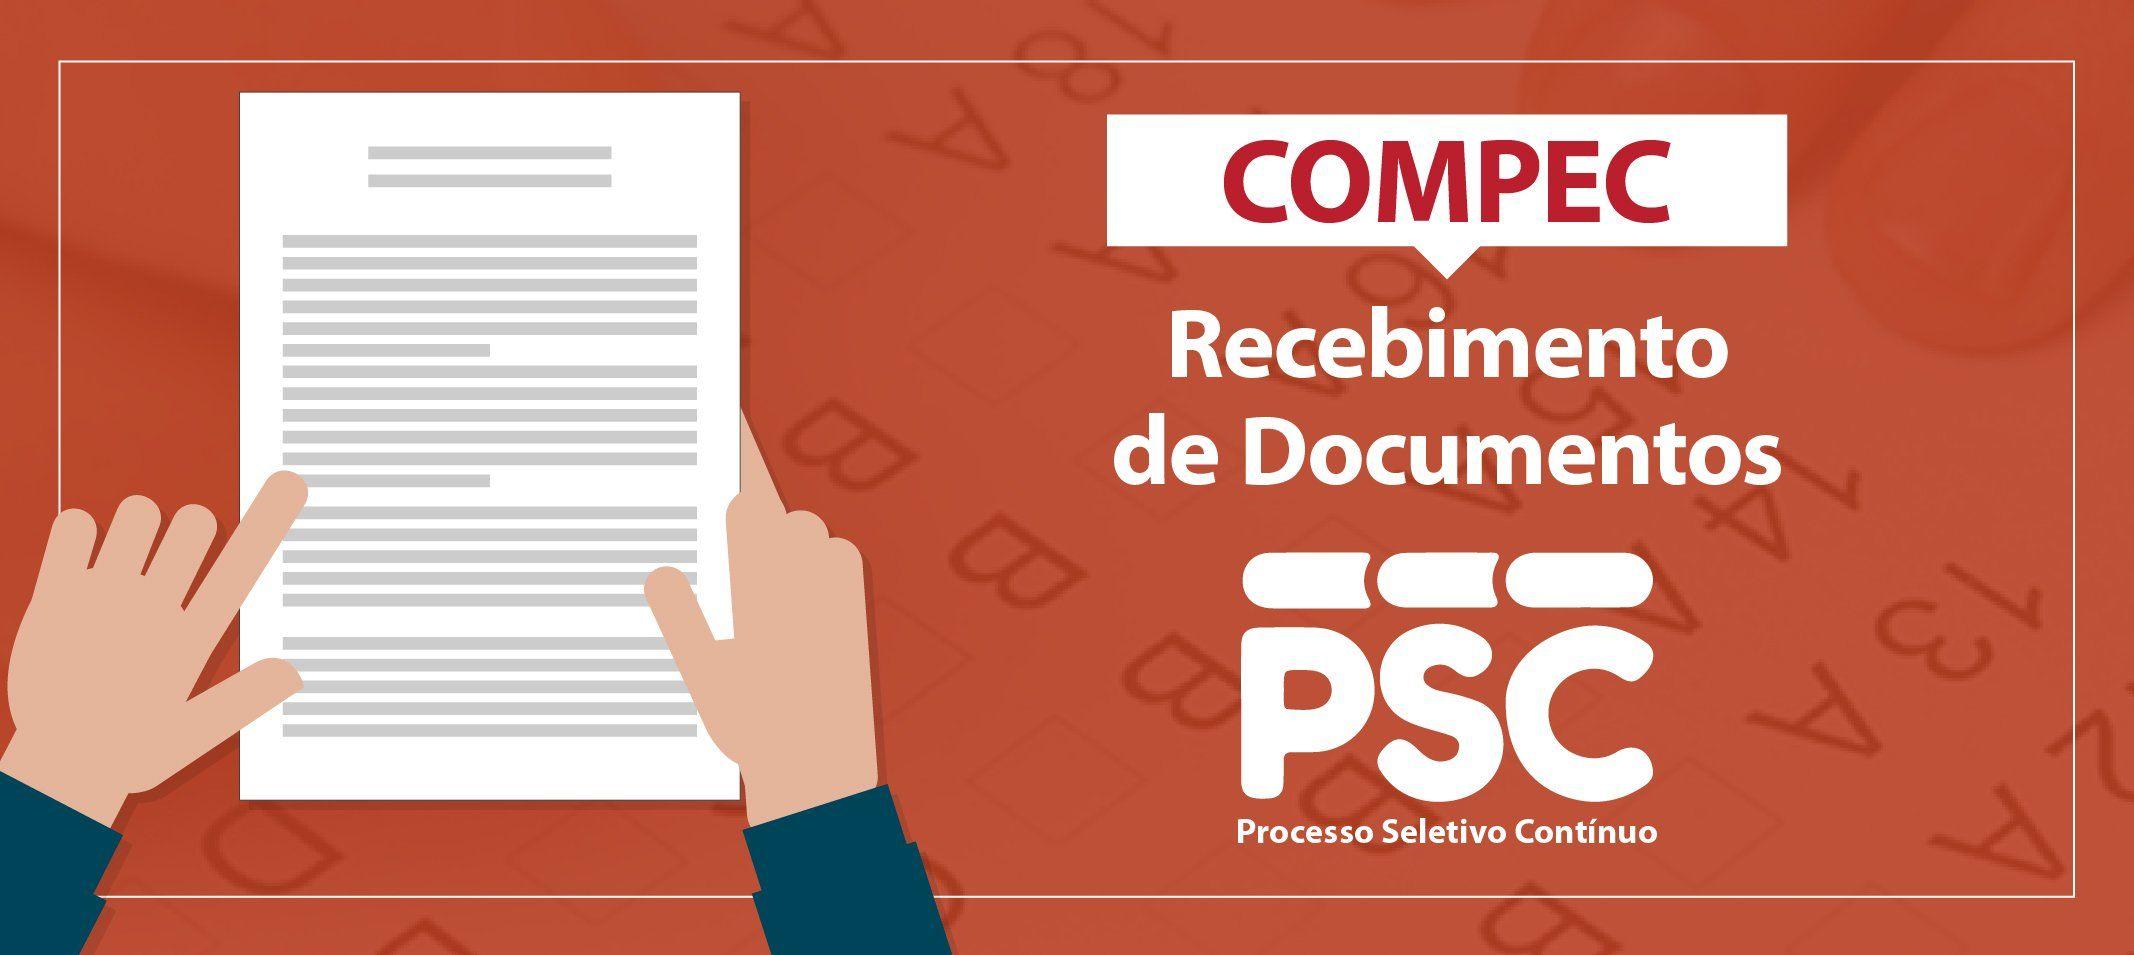 Compec abre período para recebimento de documentos dos candidatos do PSC 2020– 1ª Etapa Projeto 2022 e PSC 2020- 2ª etapa Projeto 2021